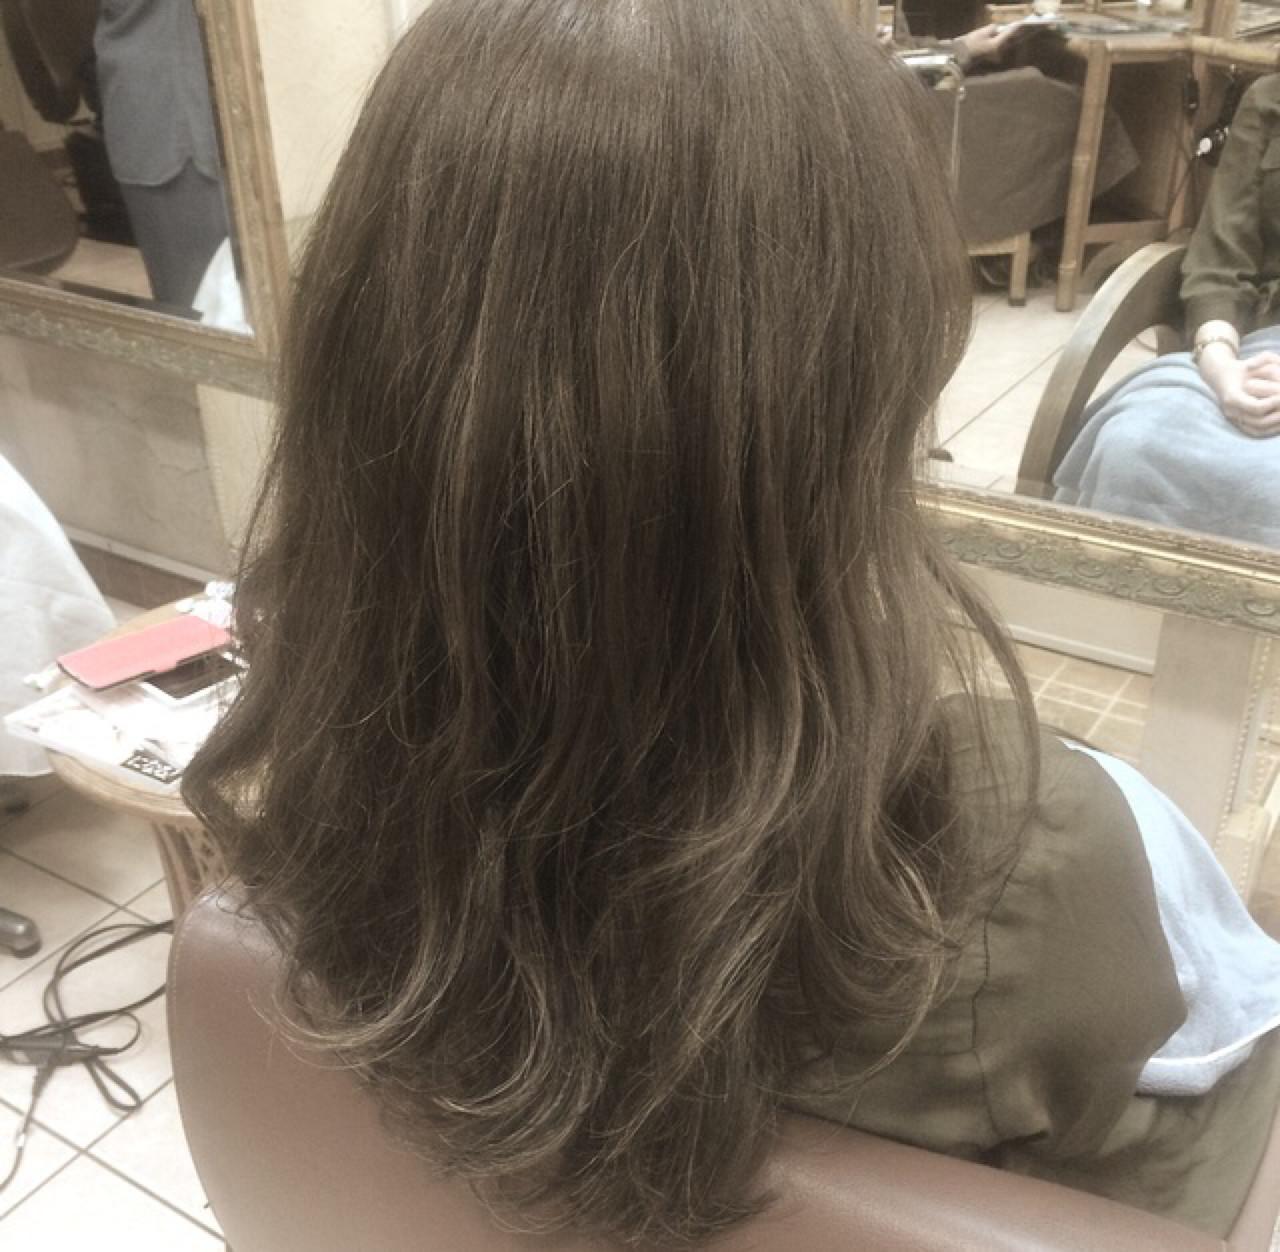 グレージュ グラデーションカラー ハイライト 外国人風カラー ヘアスタイルや髪型の写真・画像